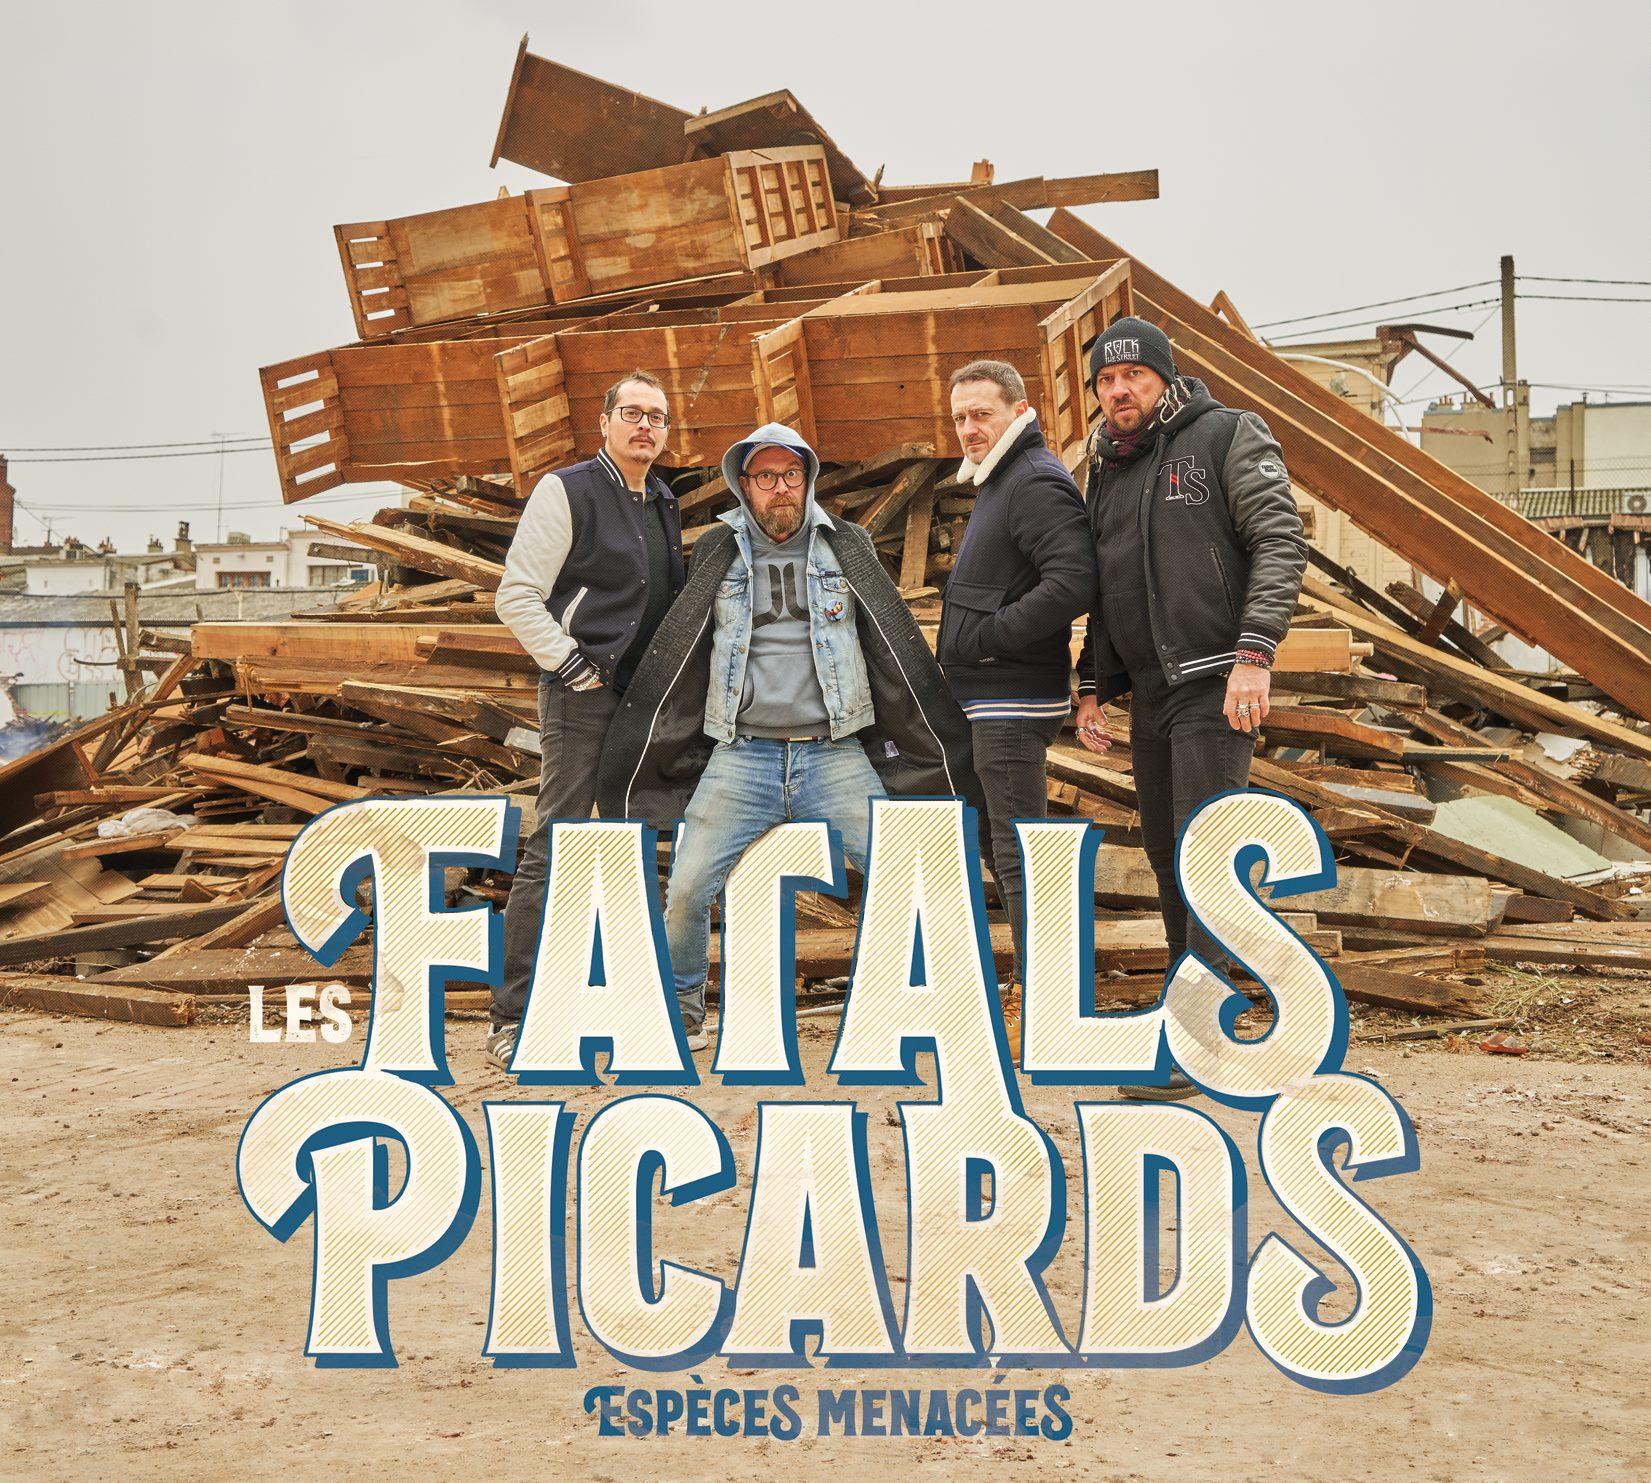 Les Fatals Picards présentent leurs «Espèces Menacées»